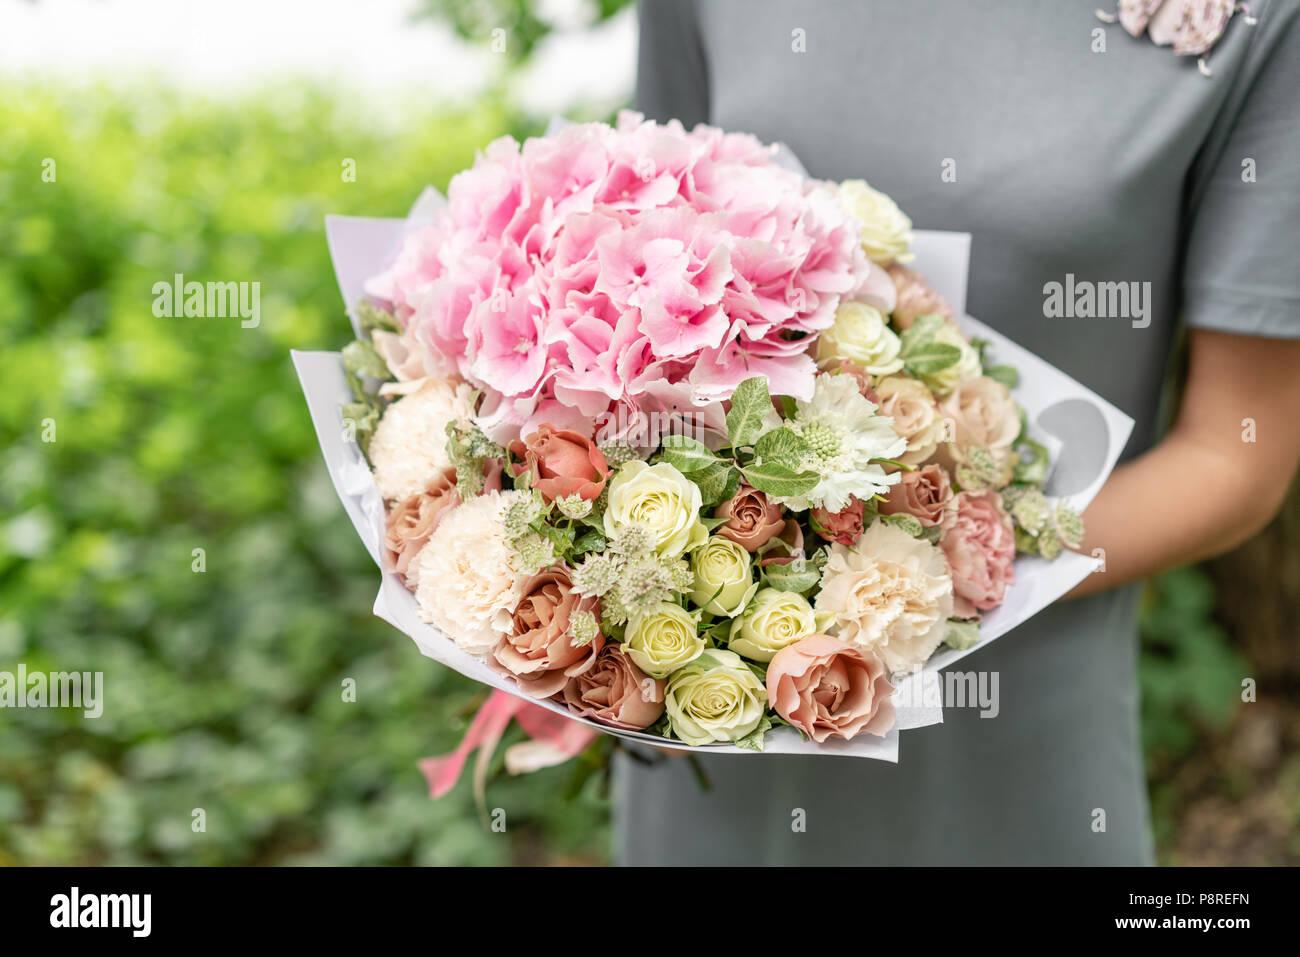 Hermoso Ramo Primaveral Arreglo Floral Con Hortensias Y